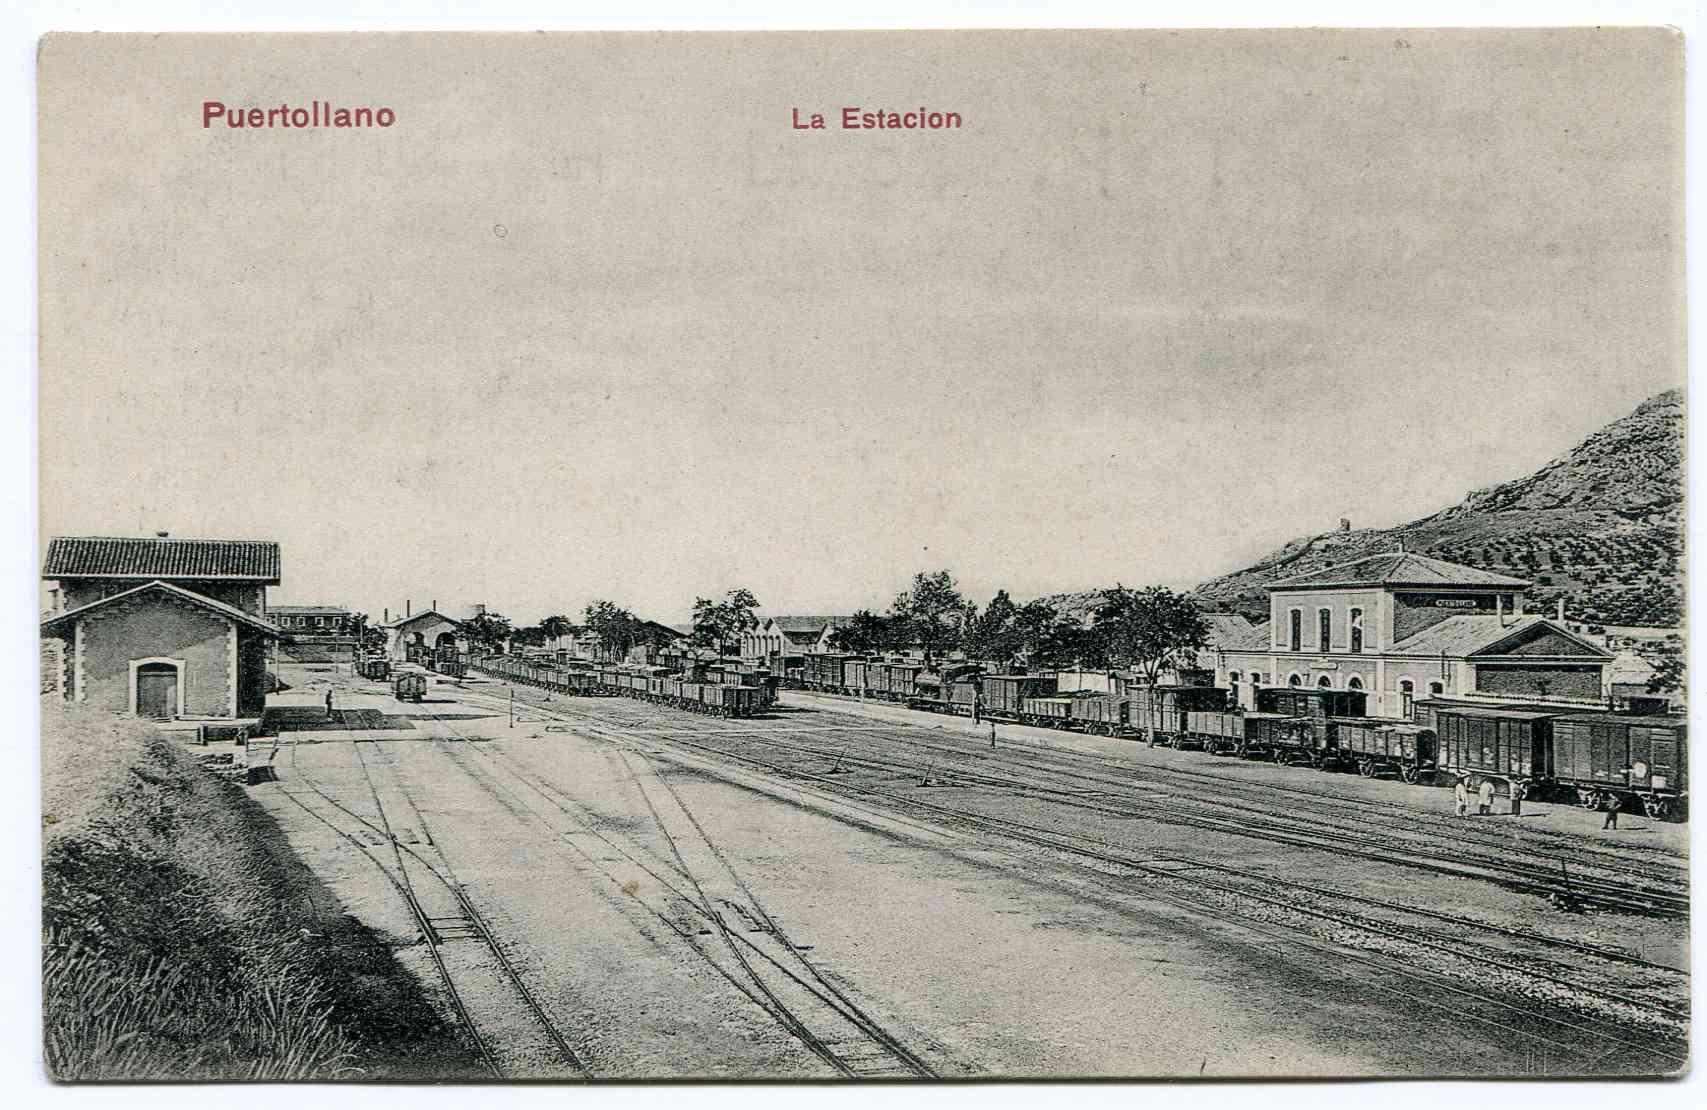 Estación de ferrocarril. Se observa tanto la de vía estrecha (izqda.) como la de vía ancha, 1900-1920